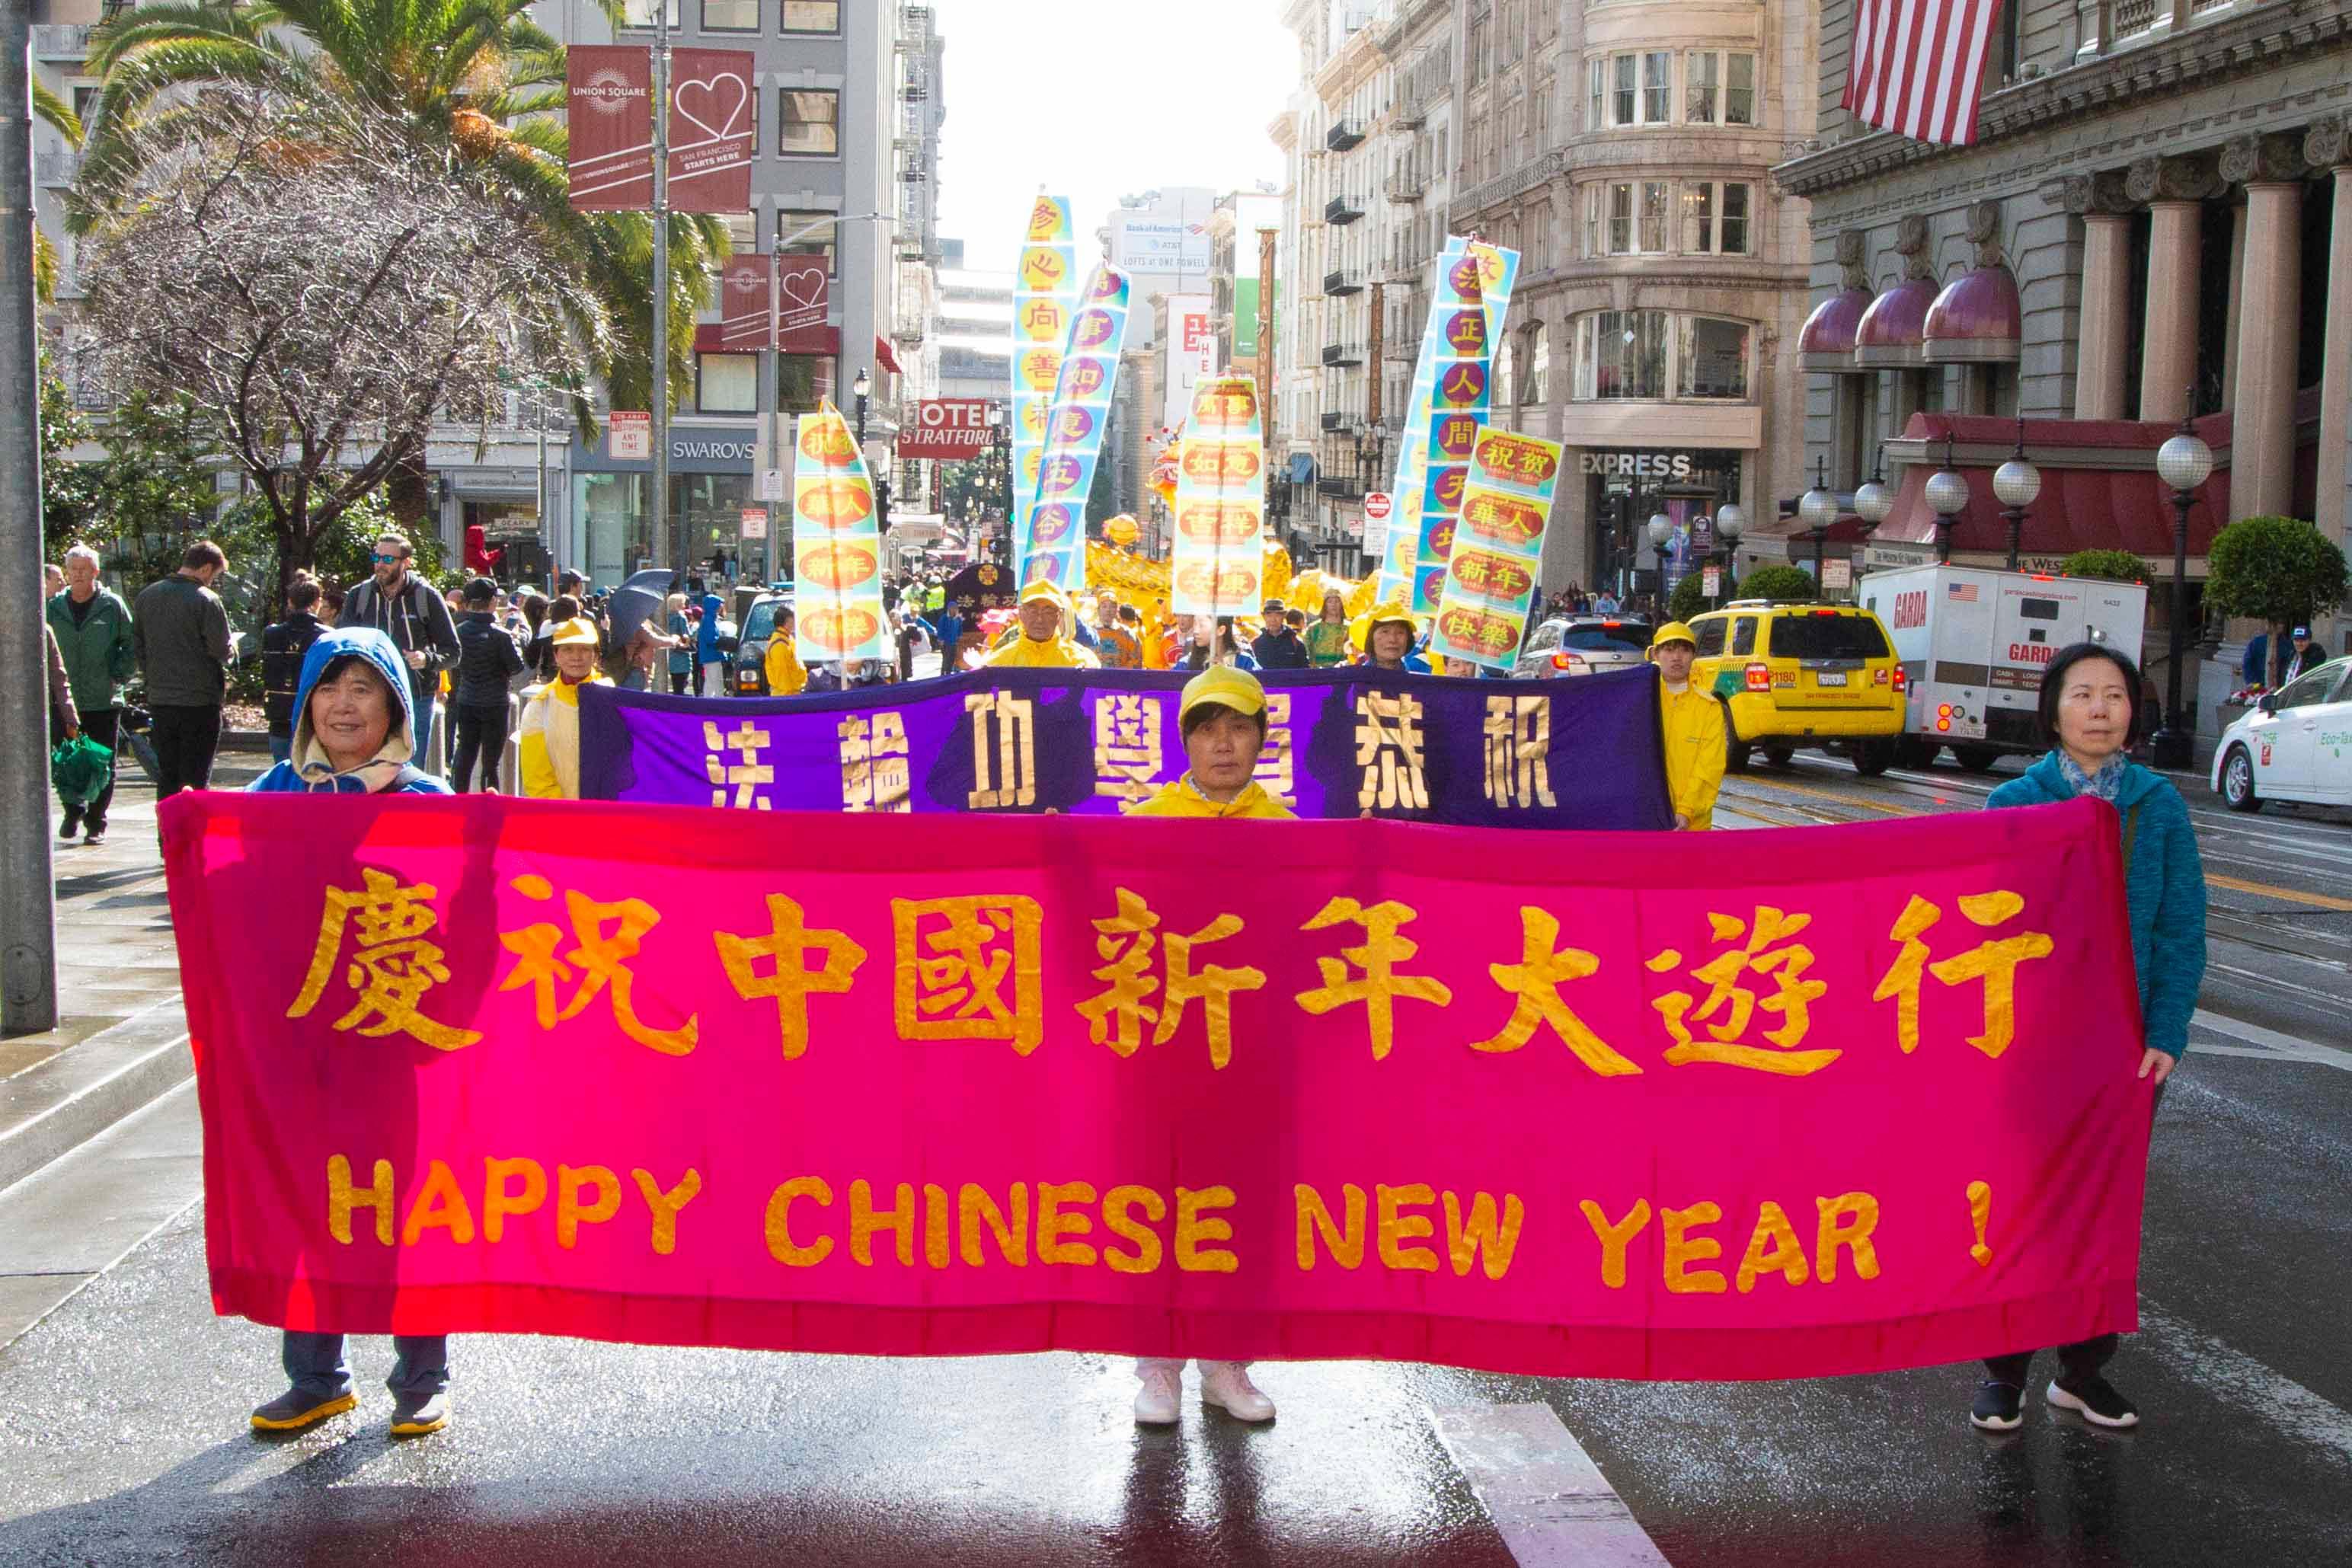 舊金山法輪功新年遊行送祝福 震撼大陸遊客